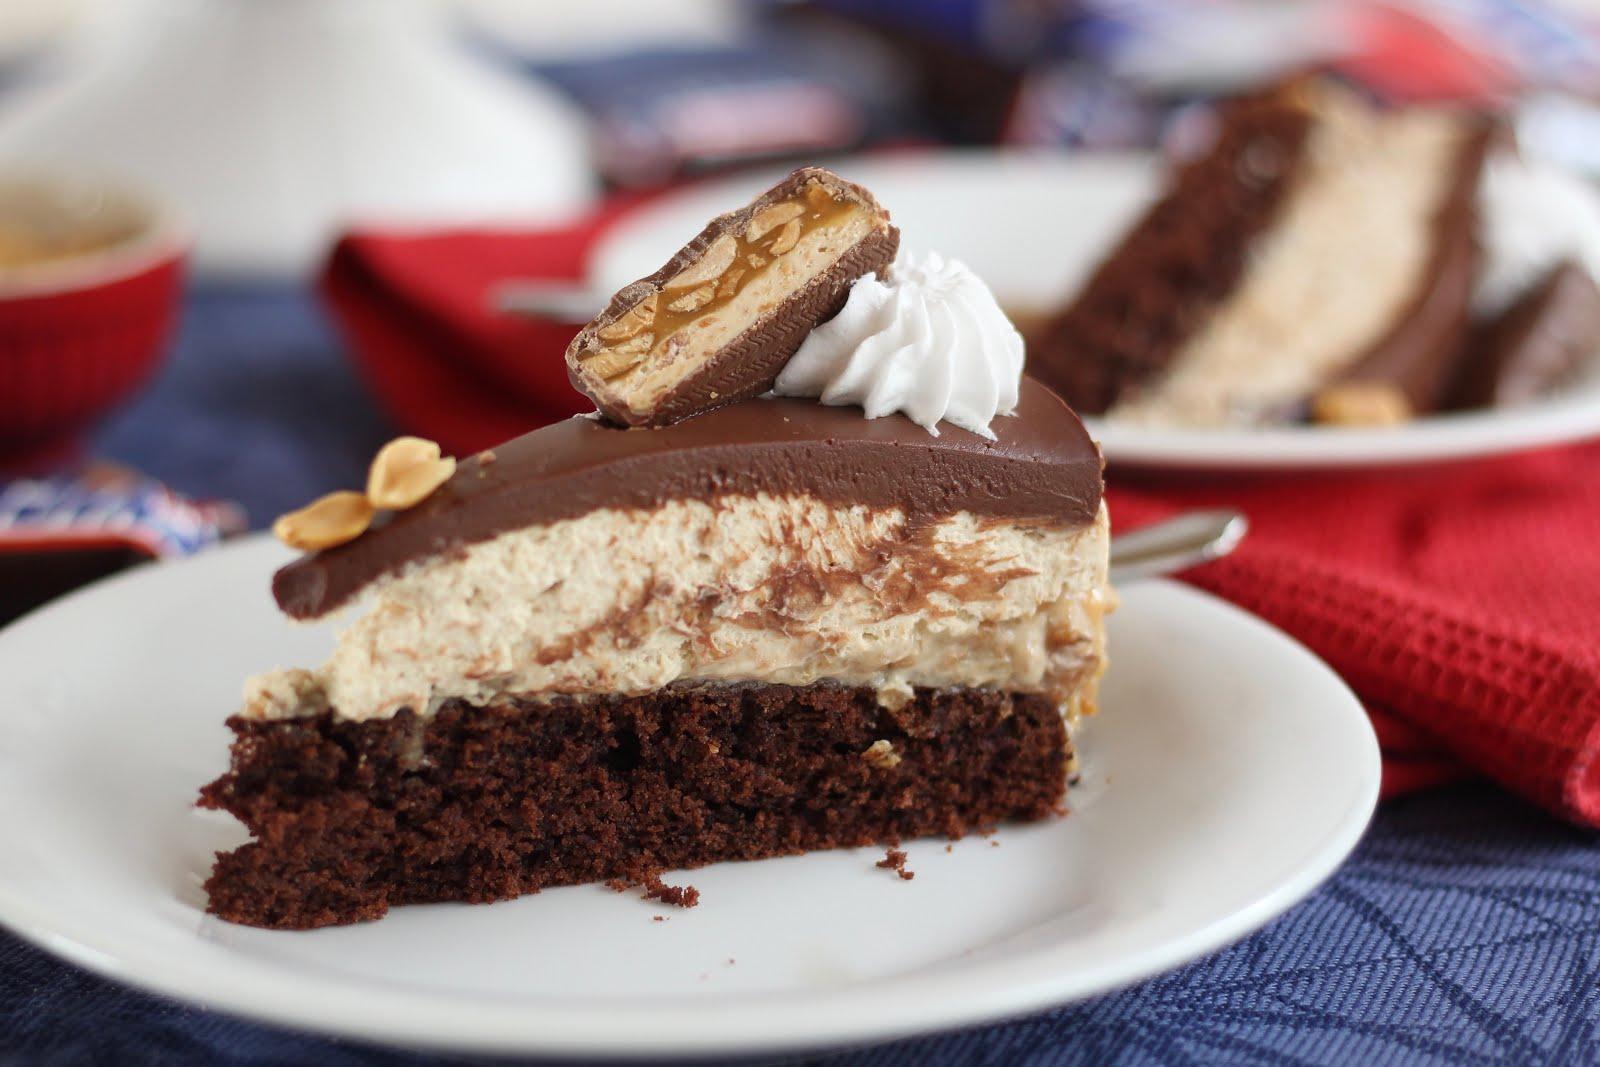 Leckere vegane Snickers-Torte/ Erdnuss-Karamell-Schoko-Torte | Rezept und Video von Sugarprincess